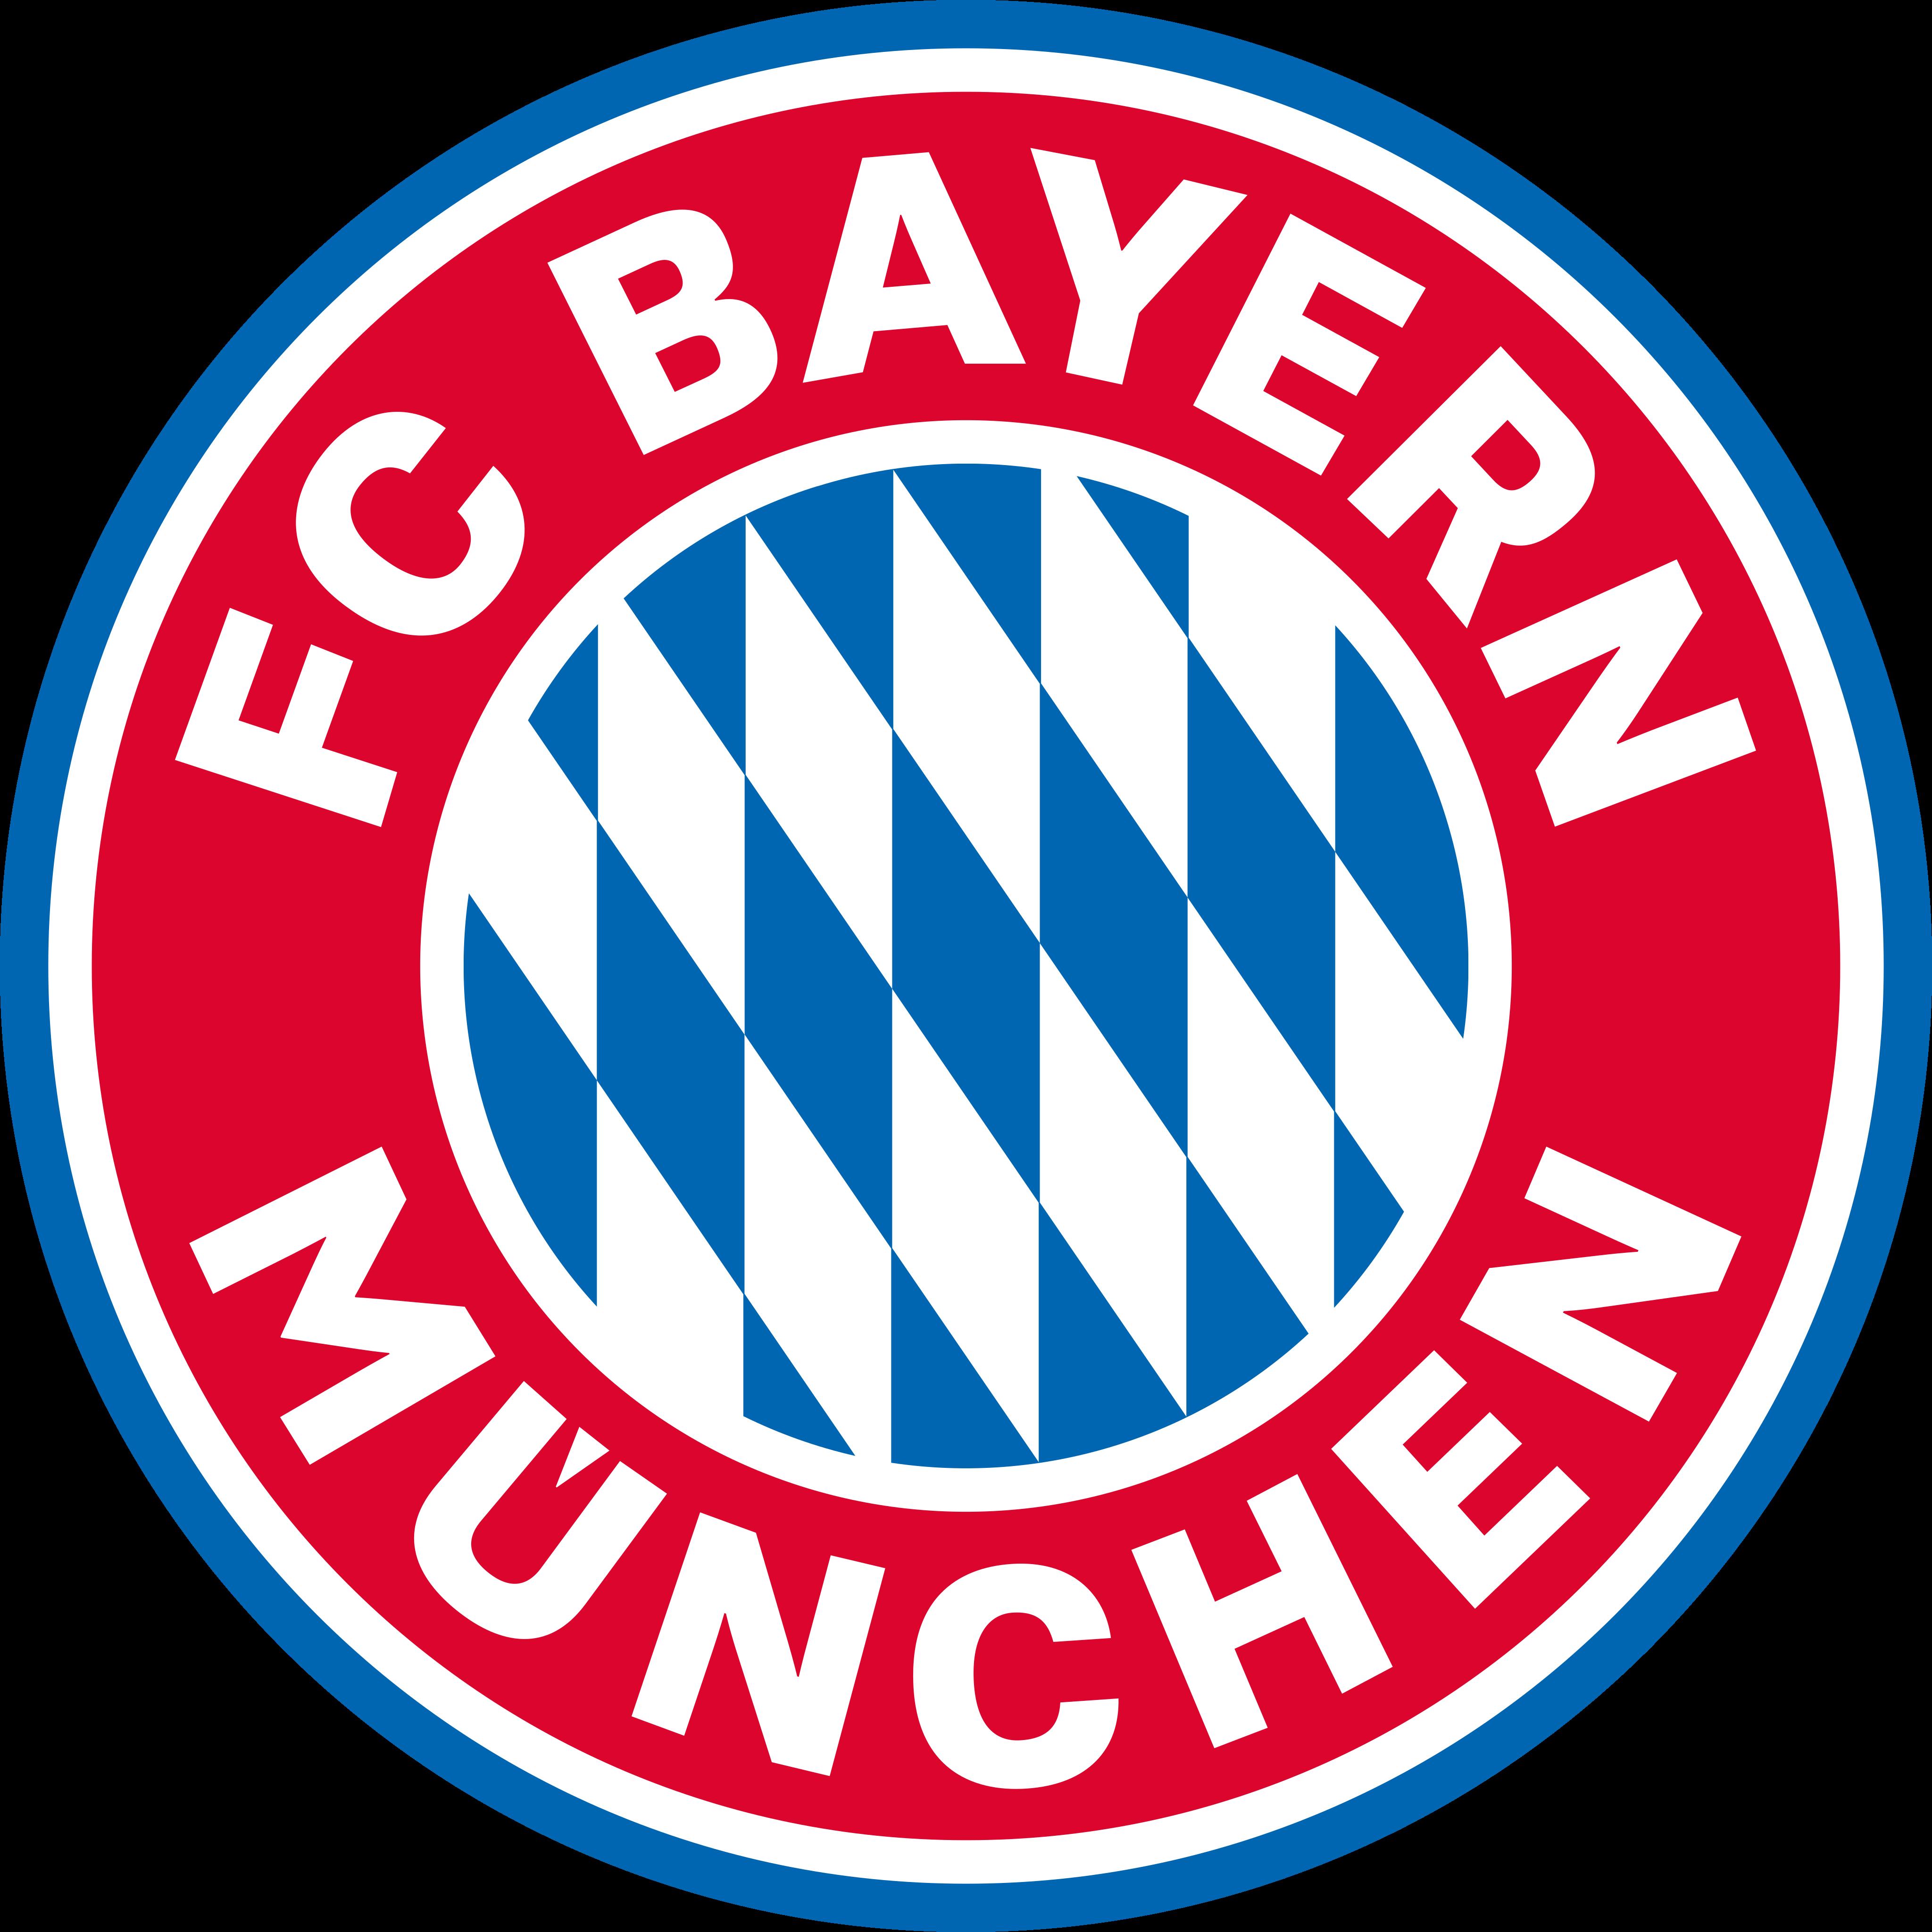 bayern munich logo - Bayern Munich Logo